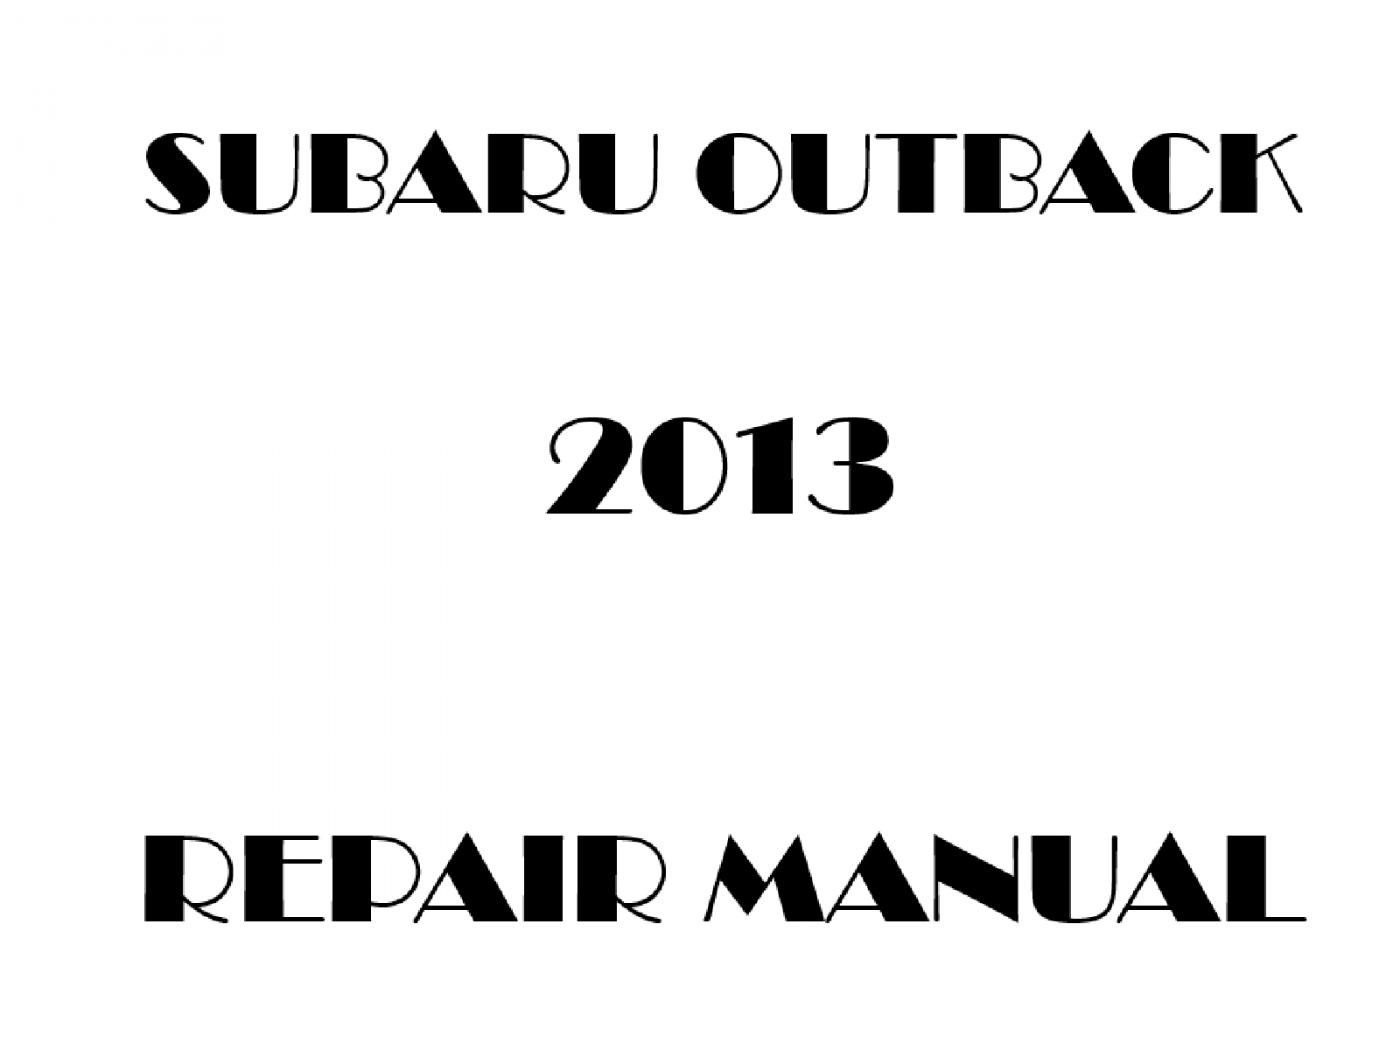 2013 Subaru Outback repair manual